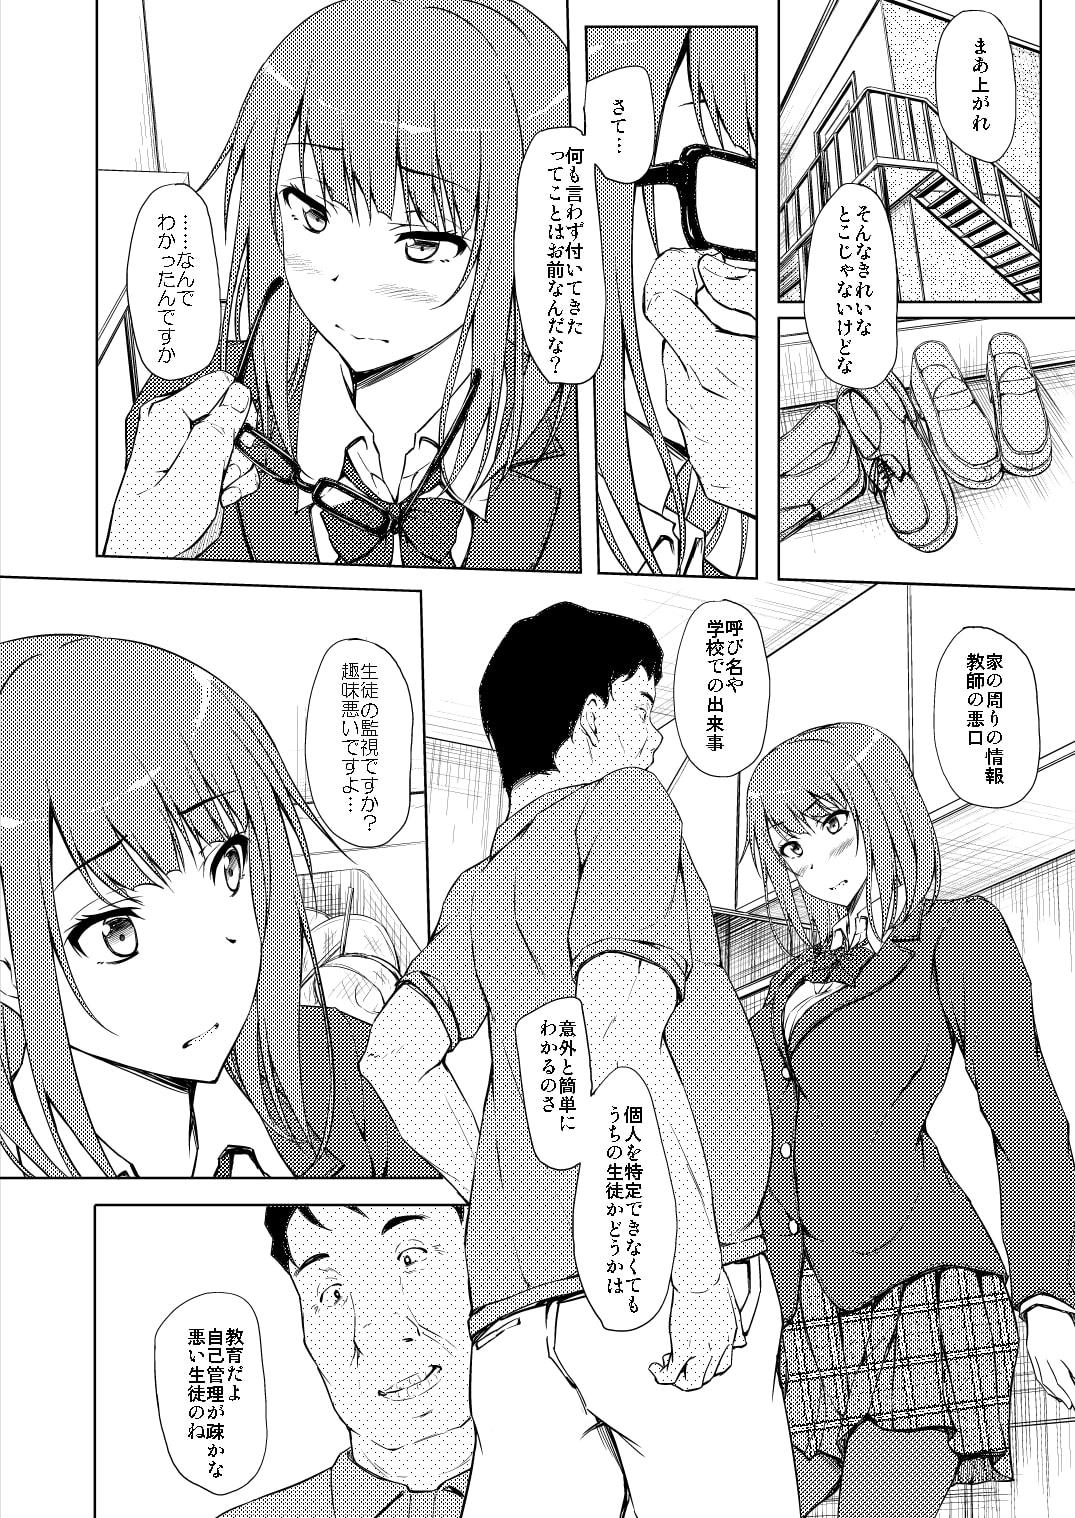 小笠原結依教育日誌1 「ねぇ…これ君だよね?」